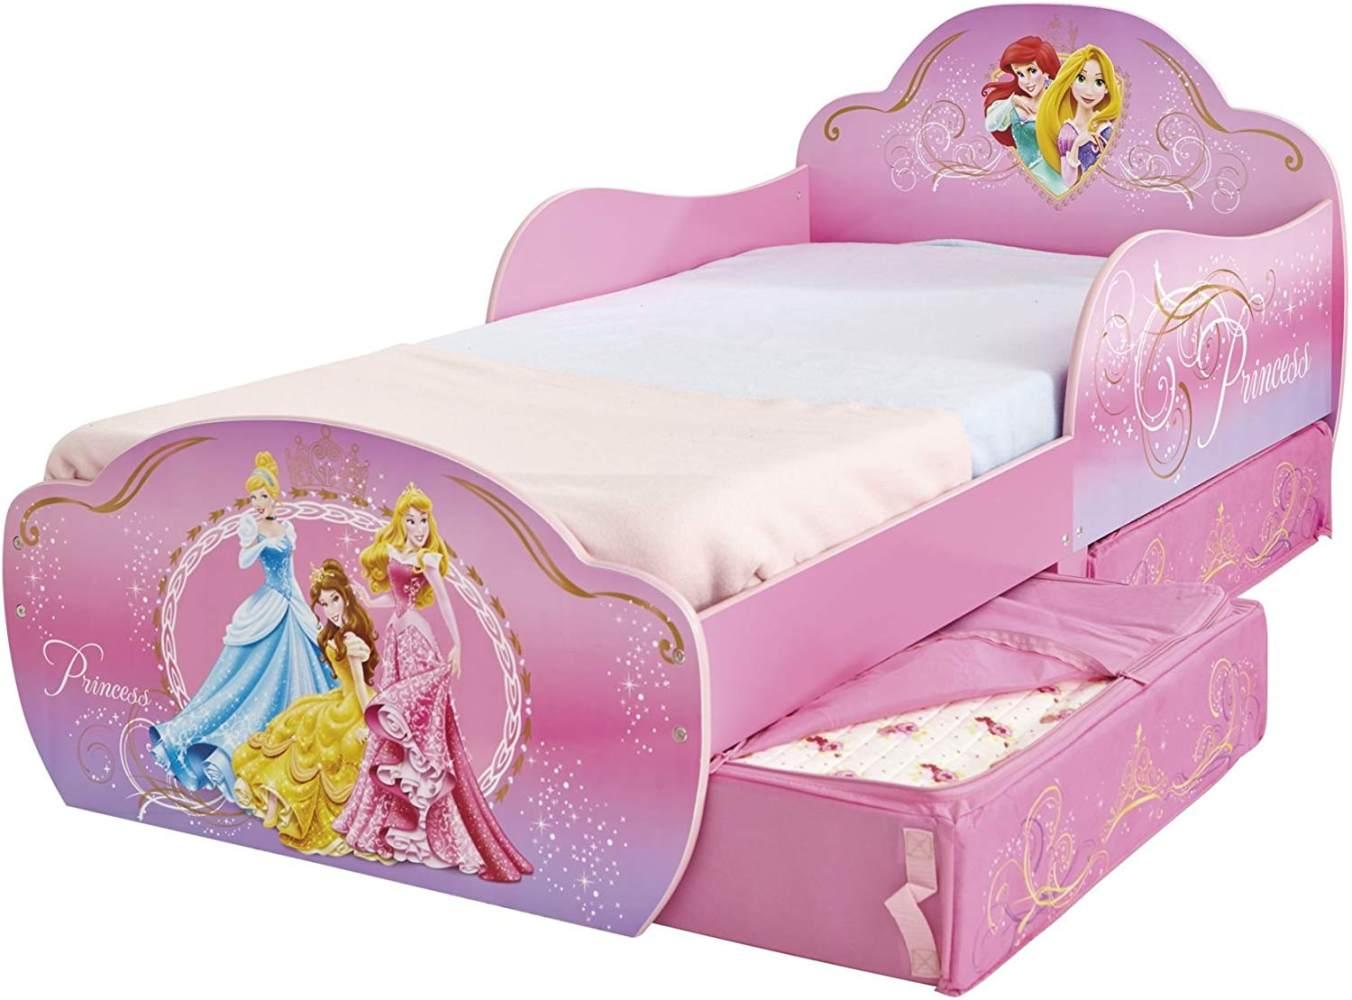 Worlds Apart 'Disney Princess' Kinderbett 70x140 cm, mit zwei Schubladen Bild 1